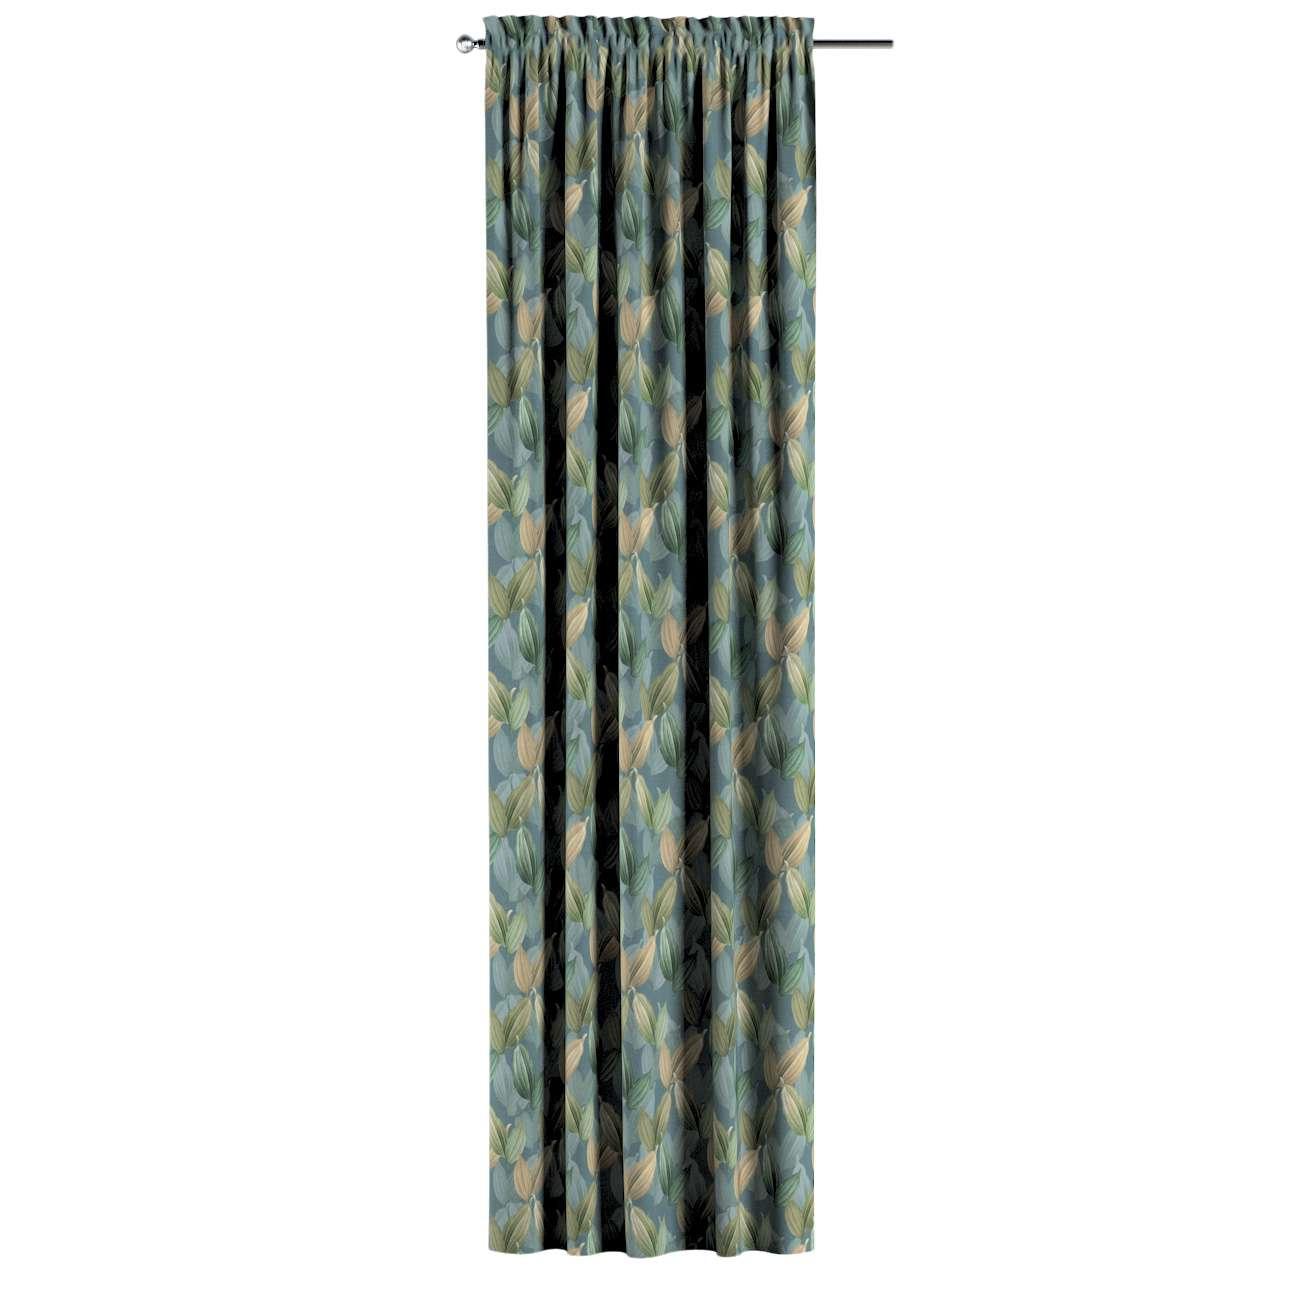 Zasłona na kanale z grzywką 1 szt. w kolekcji Abigail, tkanina: 143-20